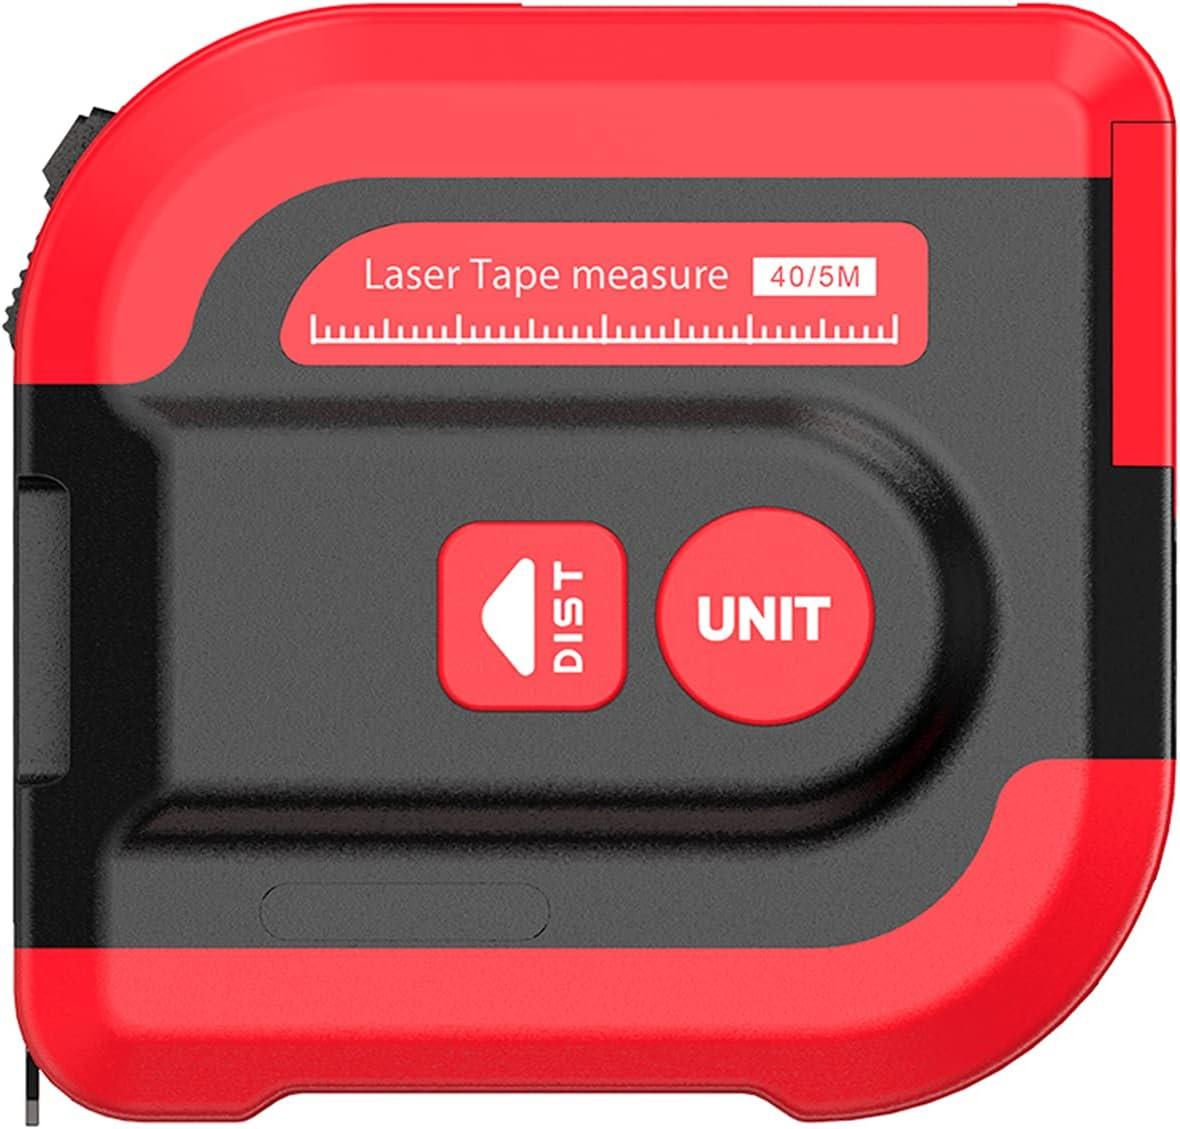 Wacent Dispositivo de medición, medidor de Distancia láser 40M NF-2240 Buscador de Rango 5M Cinta métrica Digital retráctil